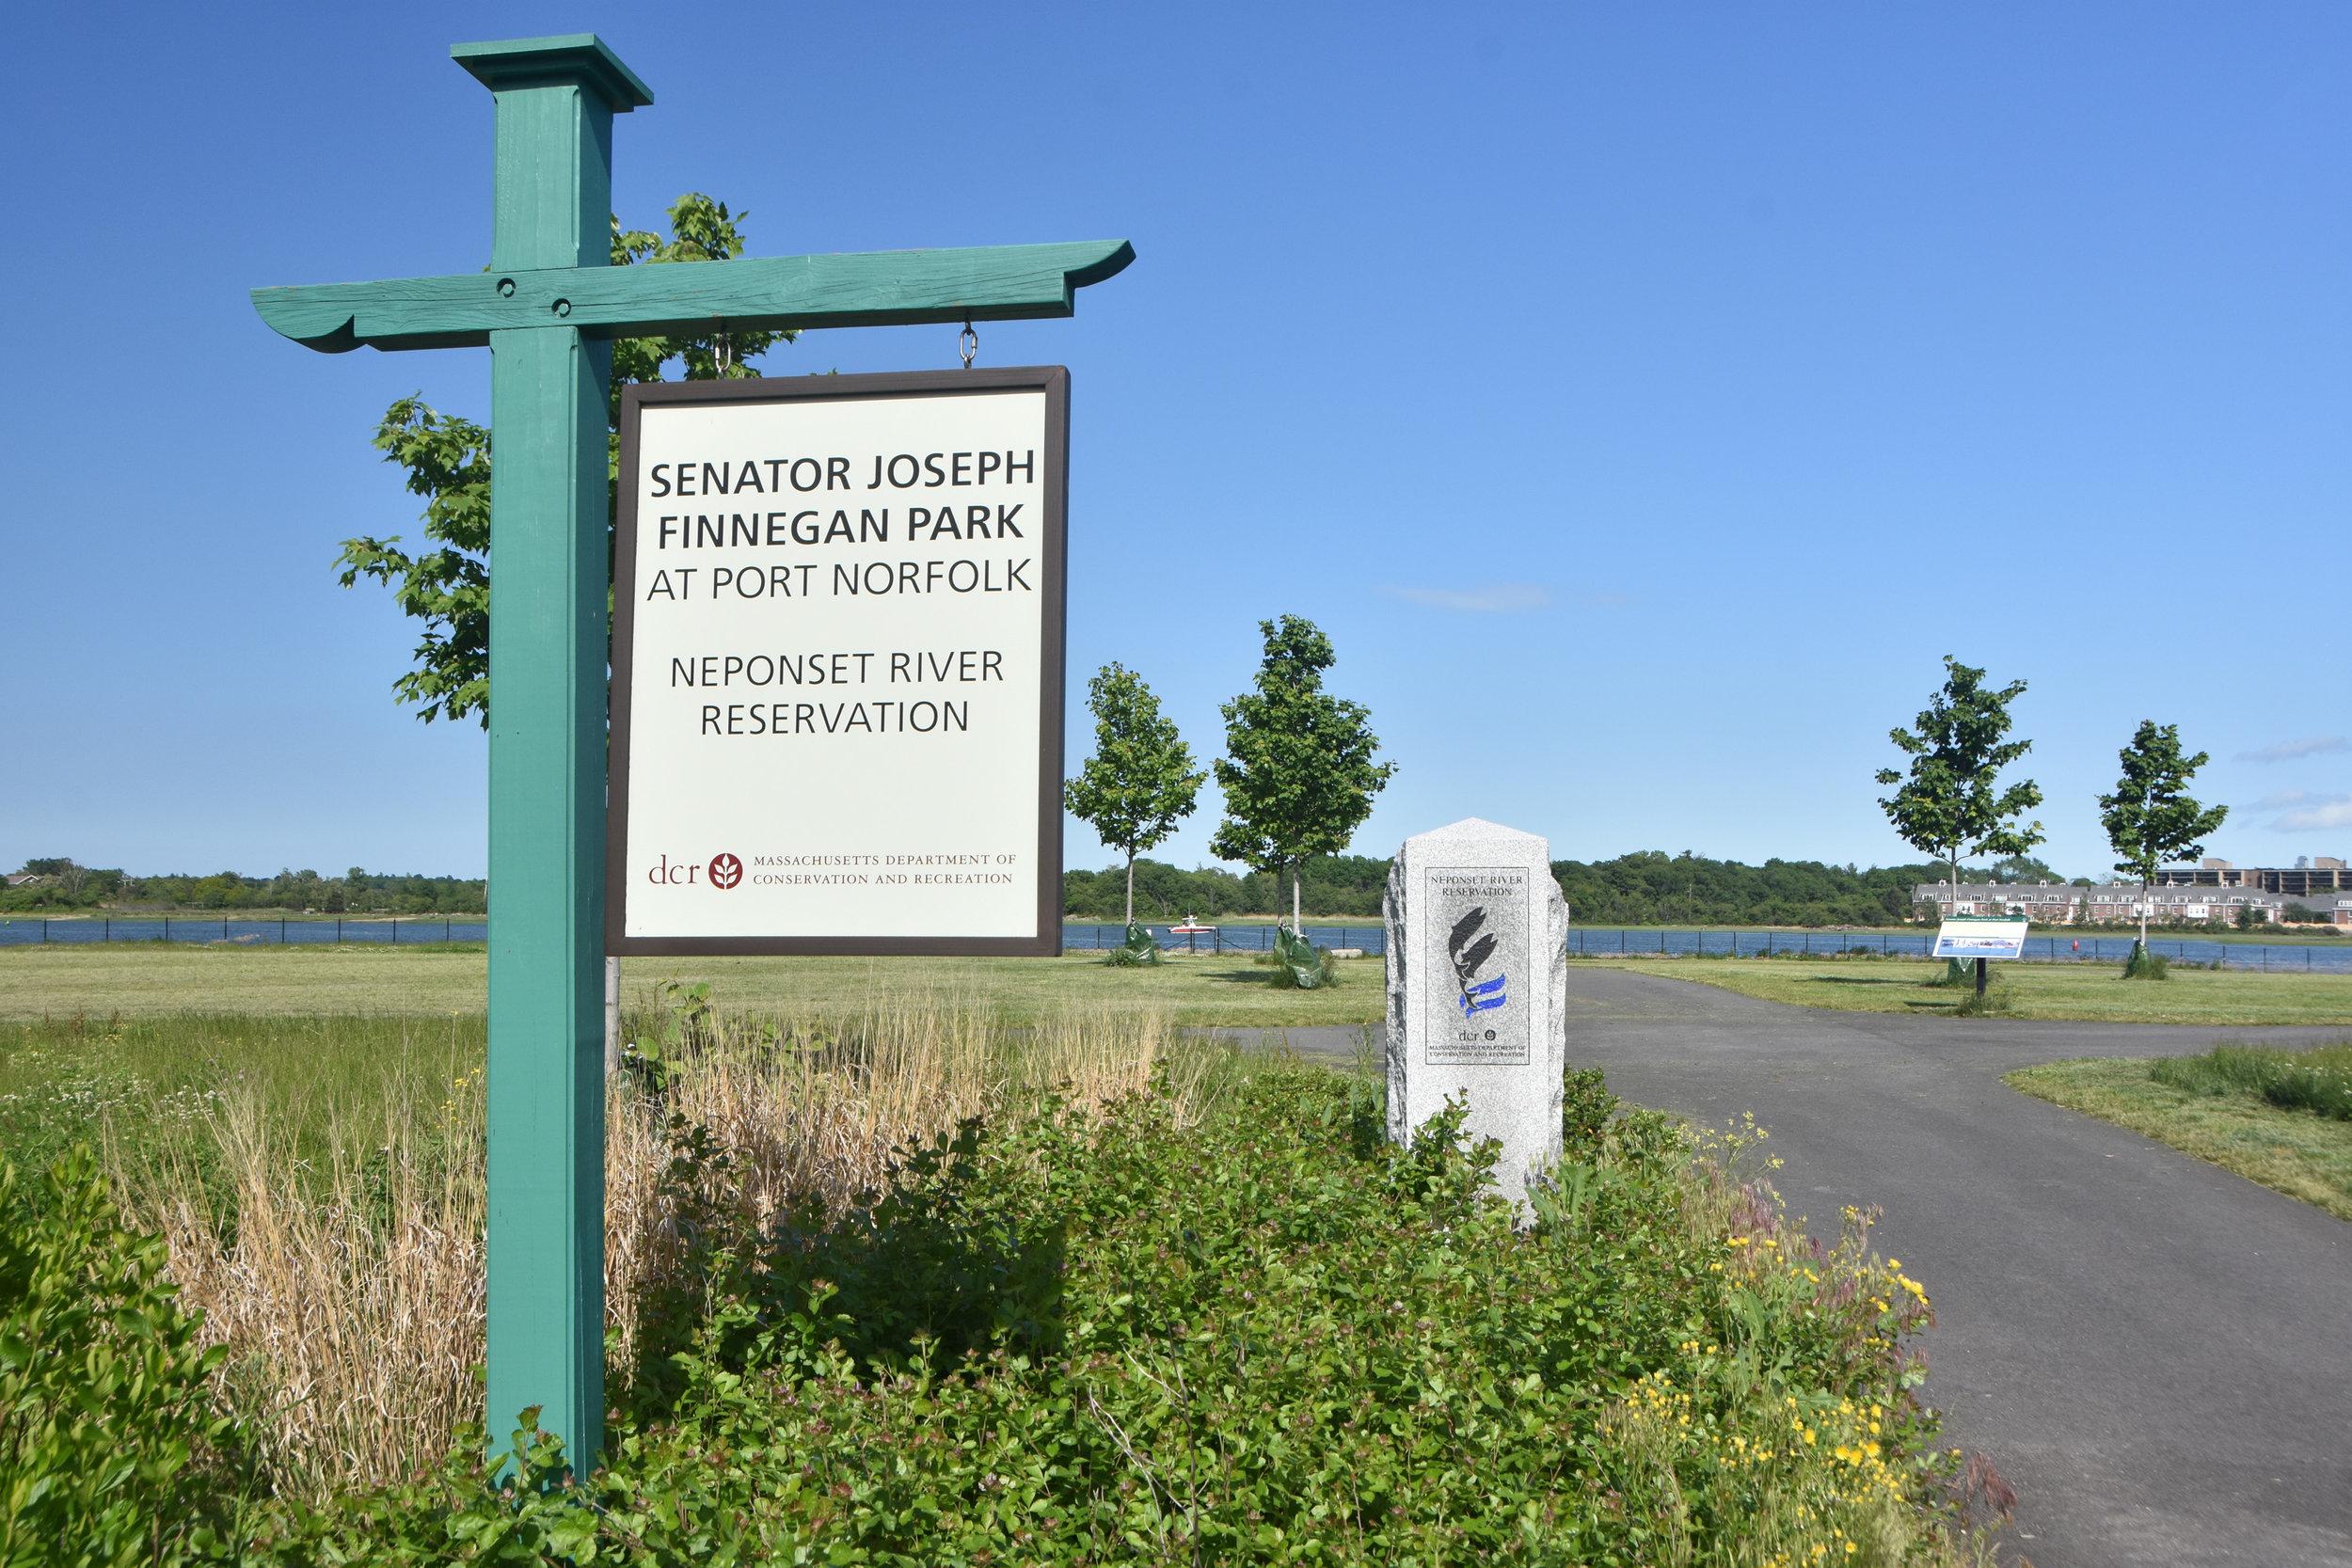 Senator Joseph Finnegan Park at Port Norfolk